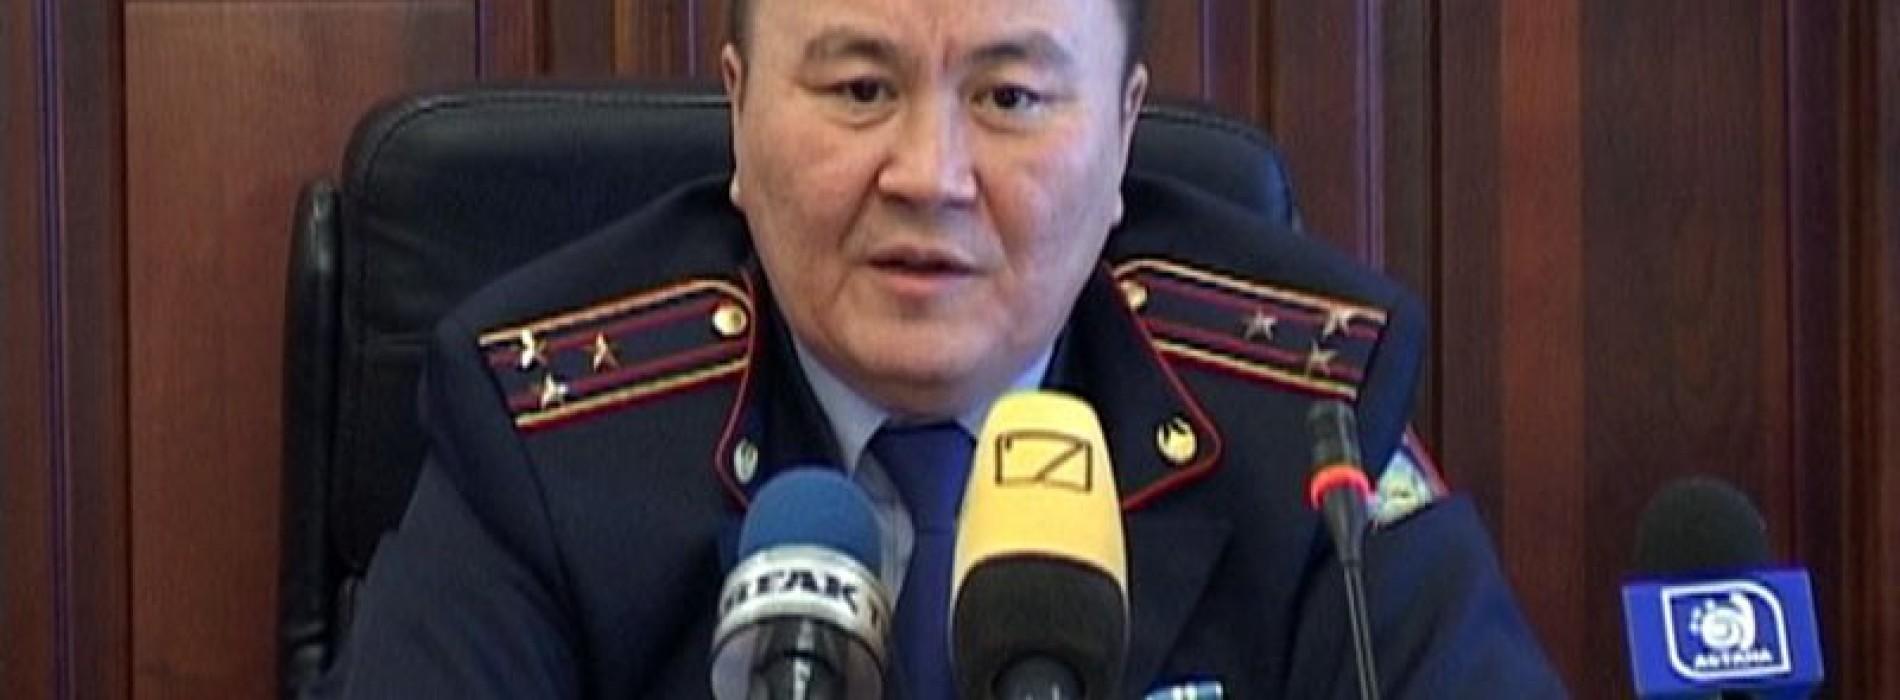 Экс-начальник ДВД ЮКО возглавил новый департамент МВД РК